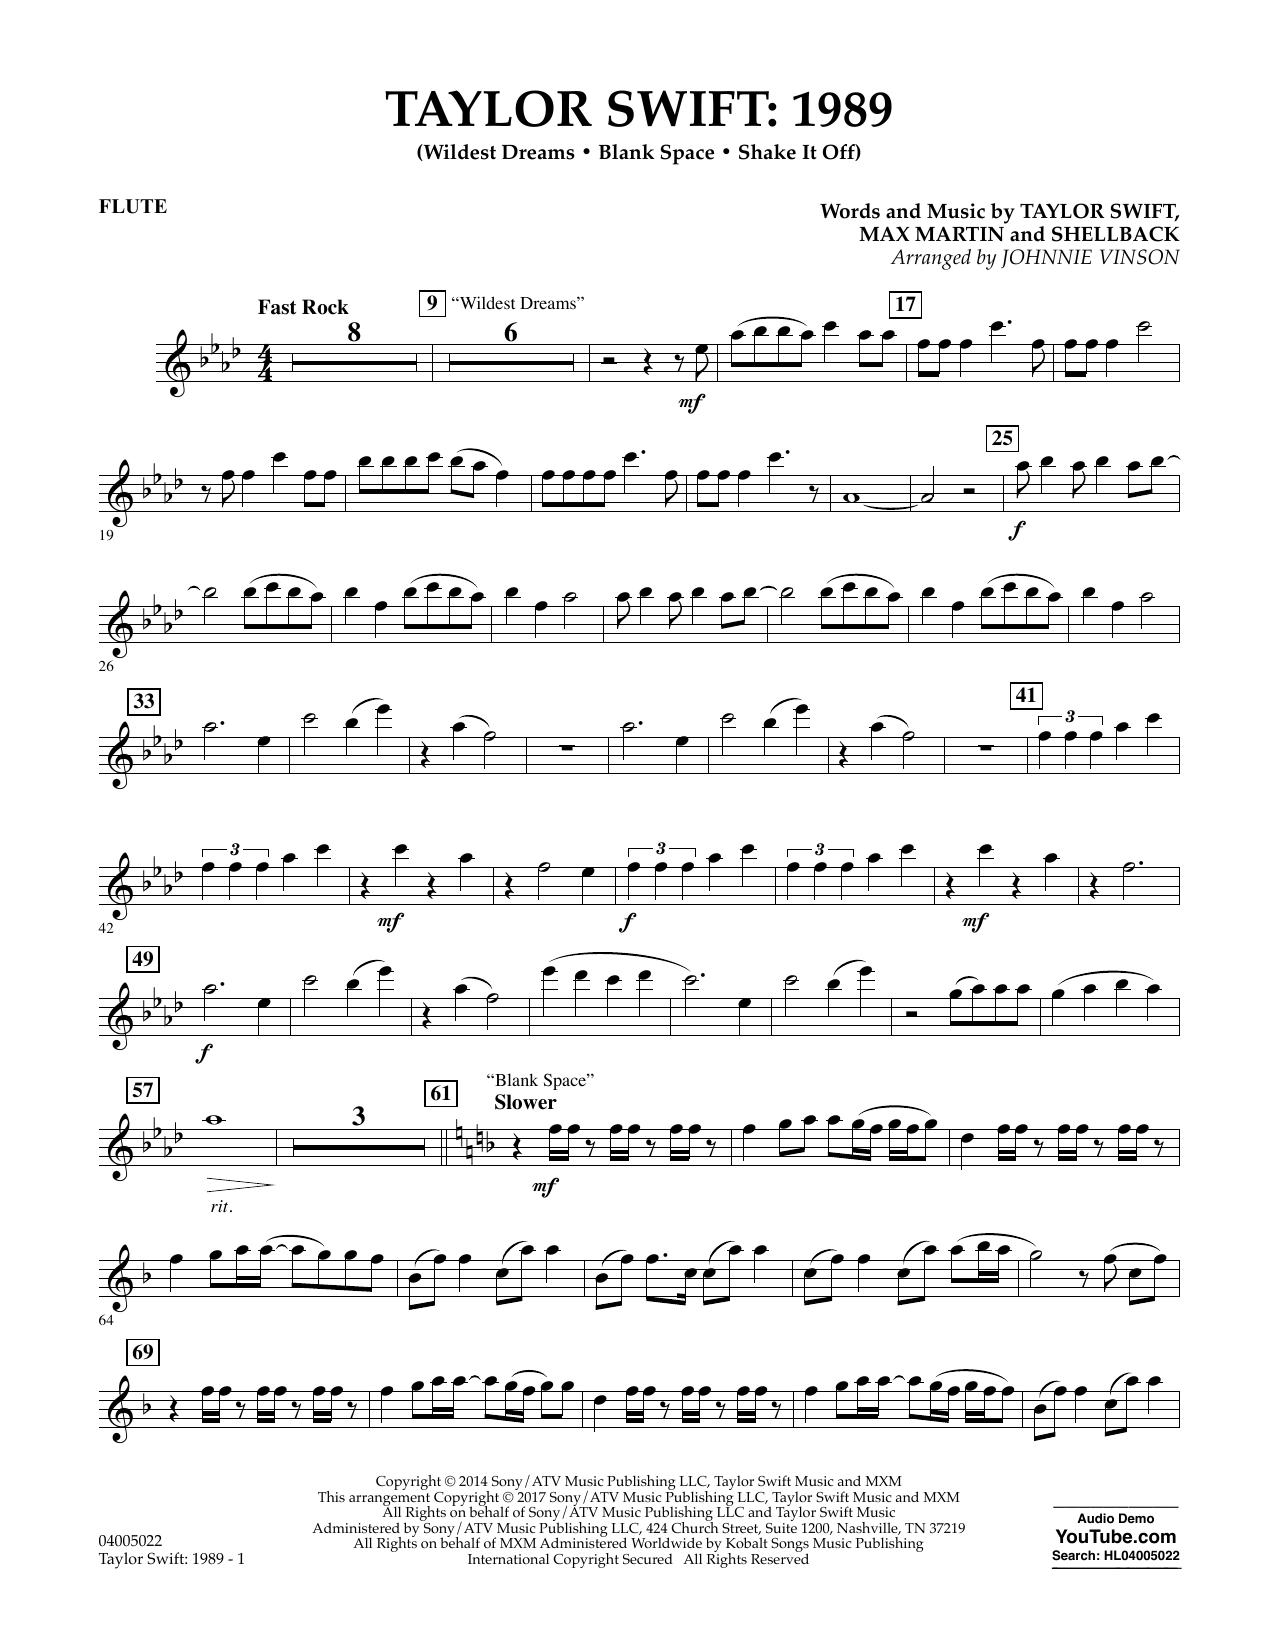 Taylor Swift - Taylor Swift: 1989 - Flute